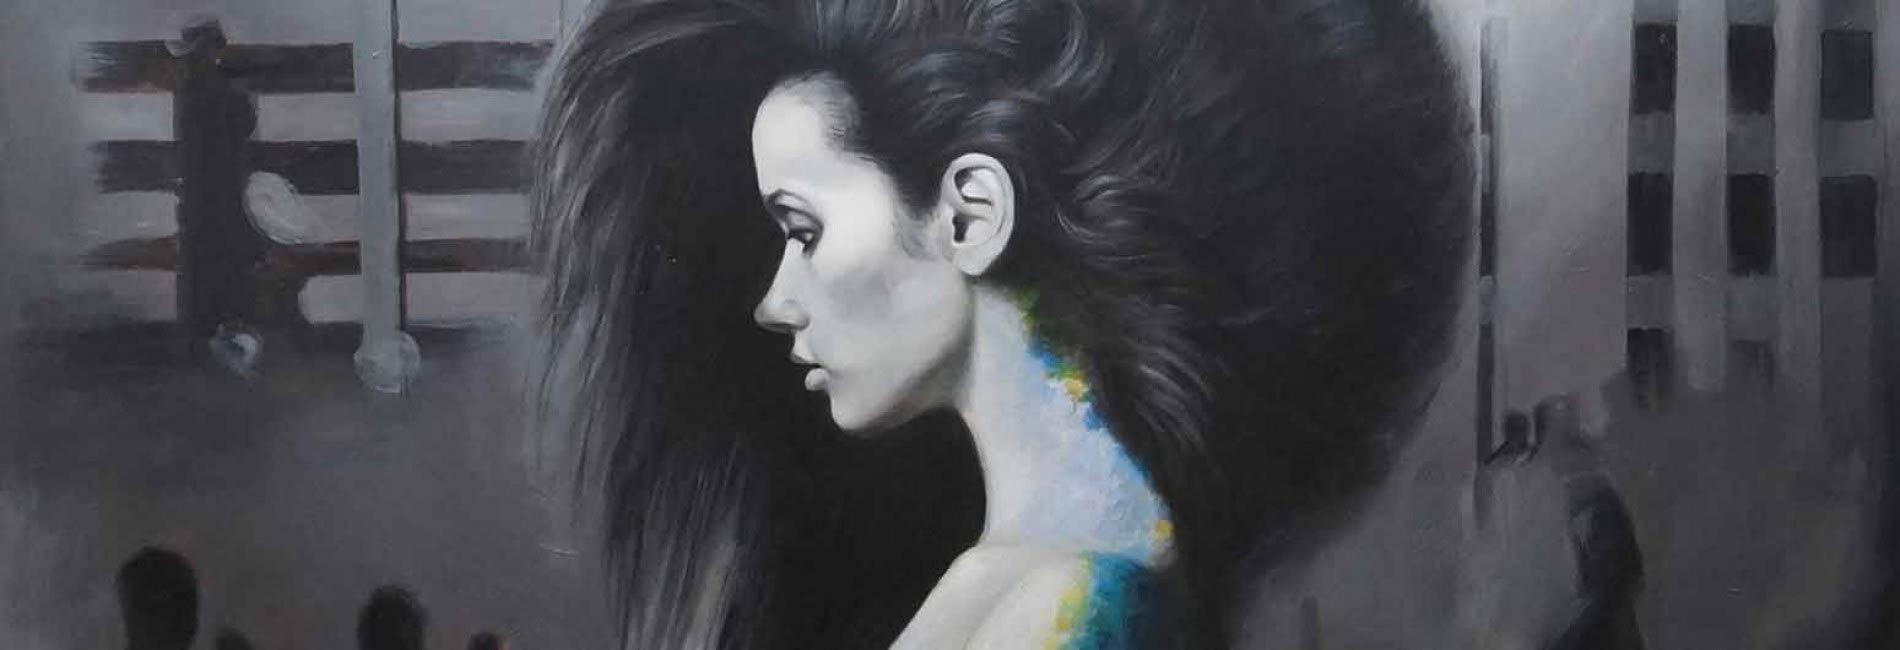 malerier_kunst_maleri_moderne-kunst_malerier-til-salg-abstrakt-maleri